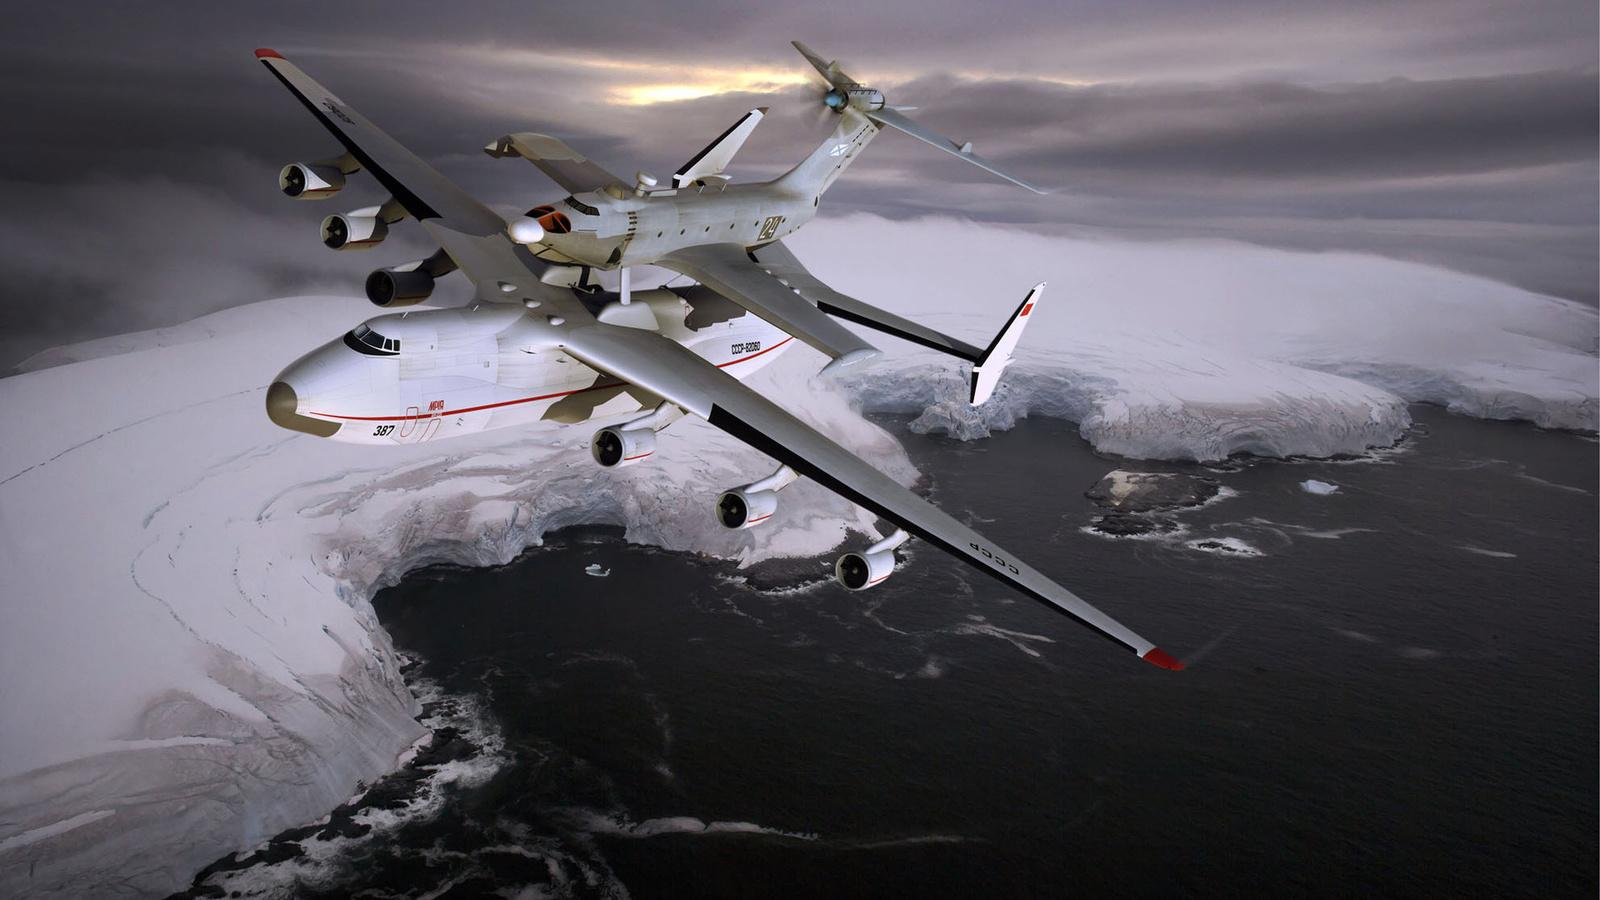 антонов, an 225, mriya, ан-225, мрия, самый, большой, грузовой, самолёт, в, мире, украина, вес, 590 тонн, грузоподъемность, 254 тонны, скорость 762 км, небо, полет, пасмурно, зима, берег, ледник